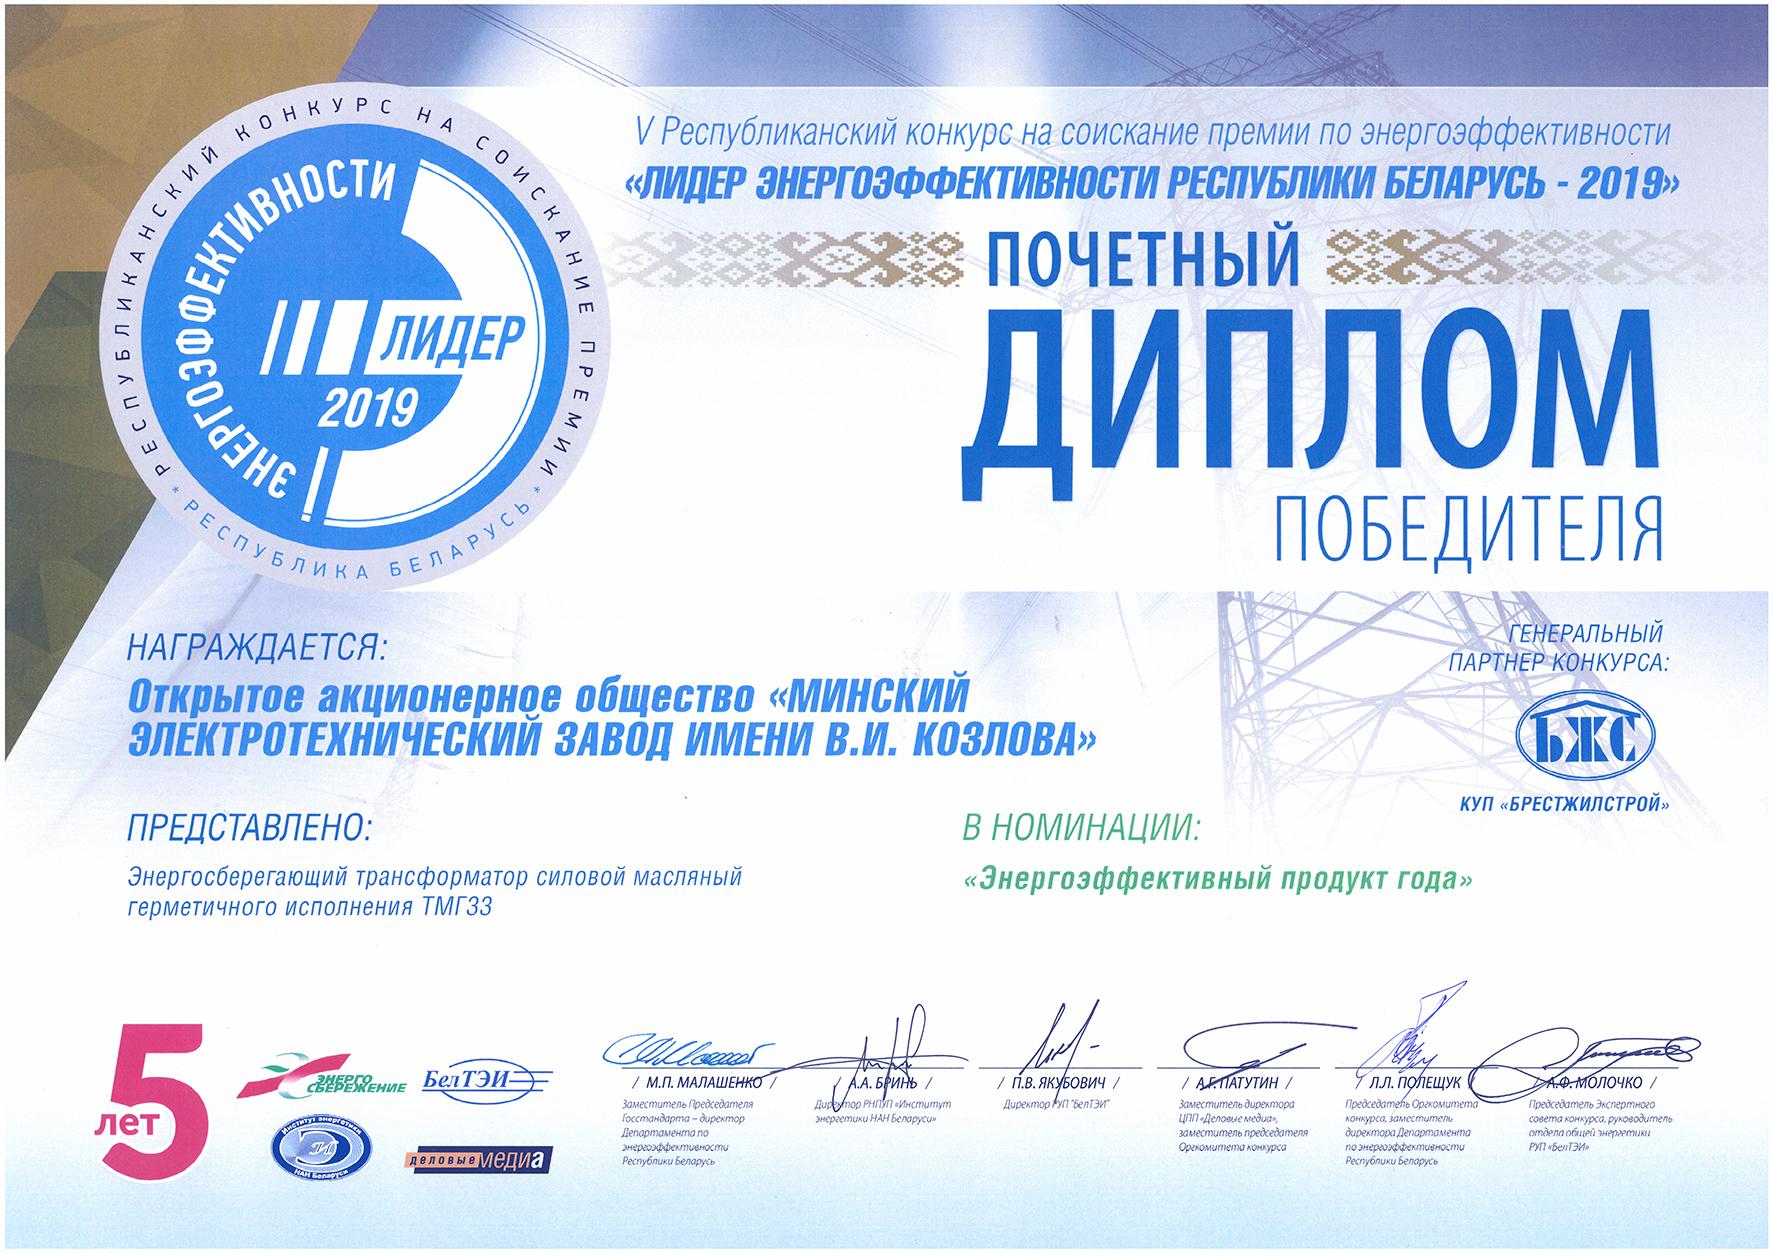 Трансформаторы ТМГ33 признаны победителями в конкурсе «Лидер энергоэффективности-2019»